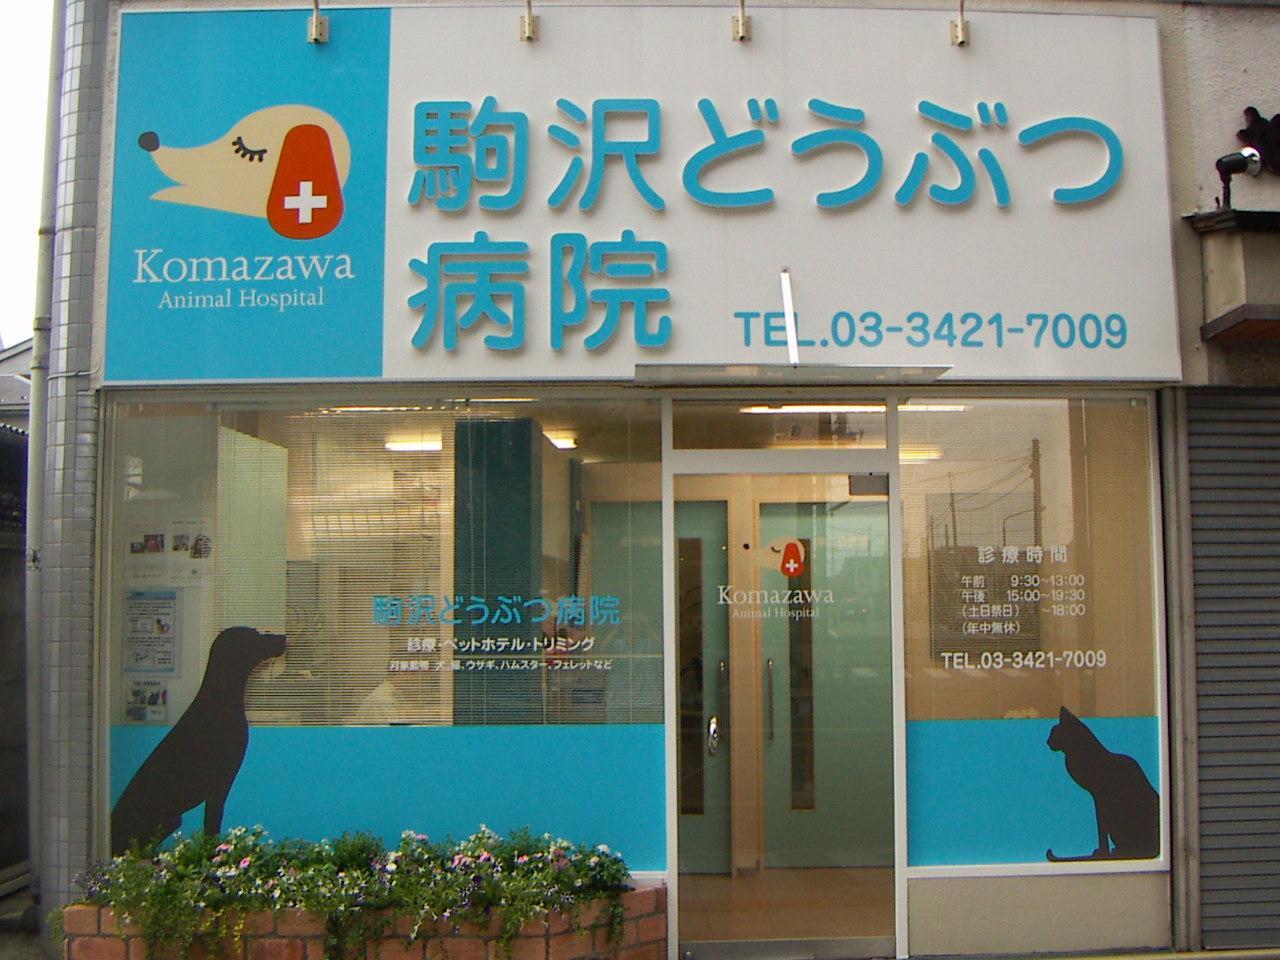 【獣医師募集】世田谷区・駒沢・桜新町の動物病院(田園都市線)